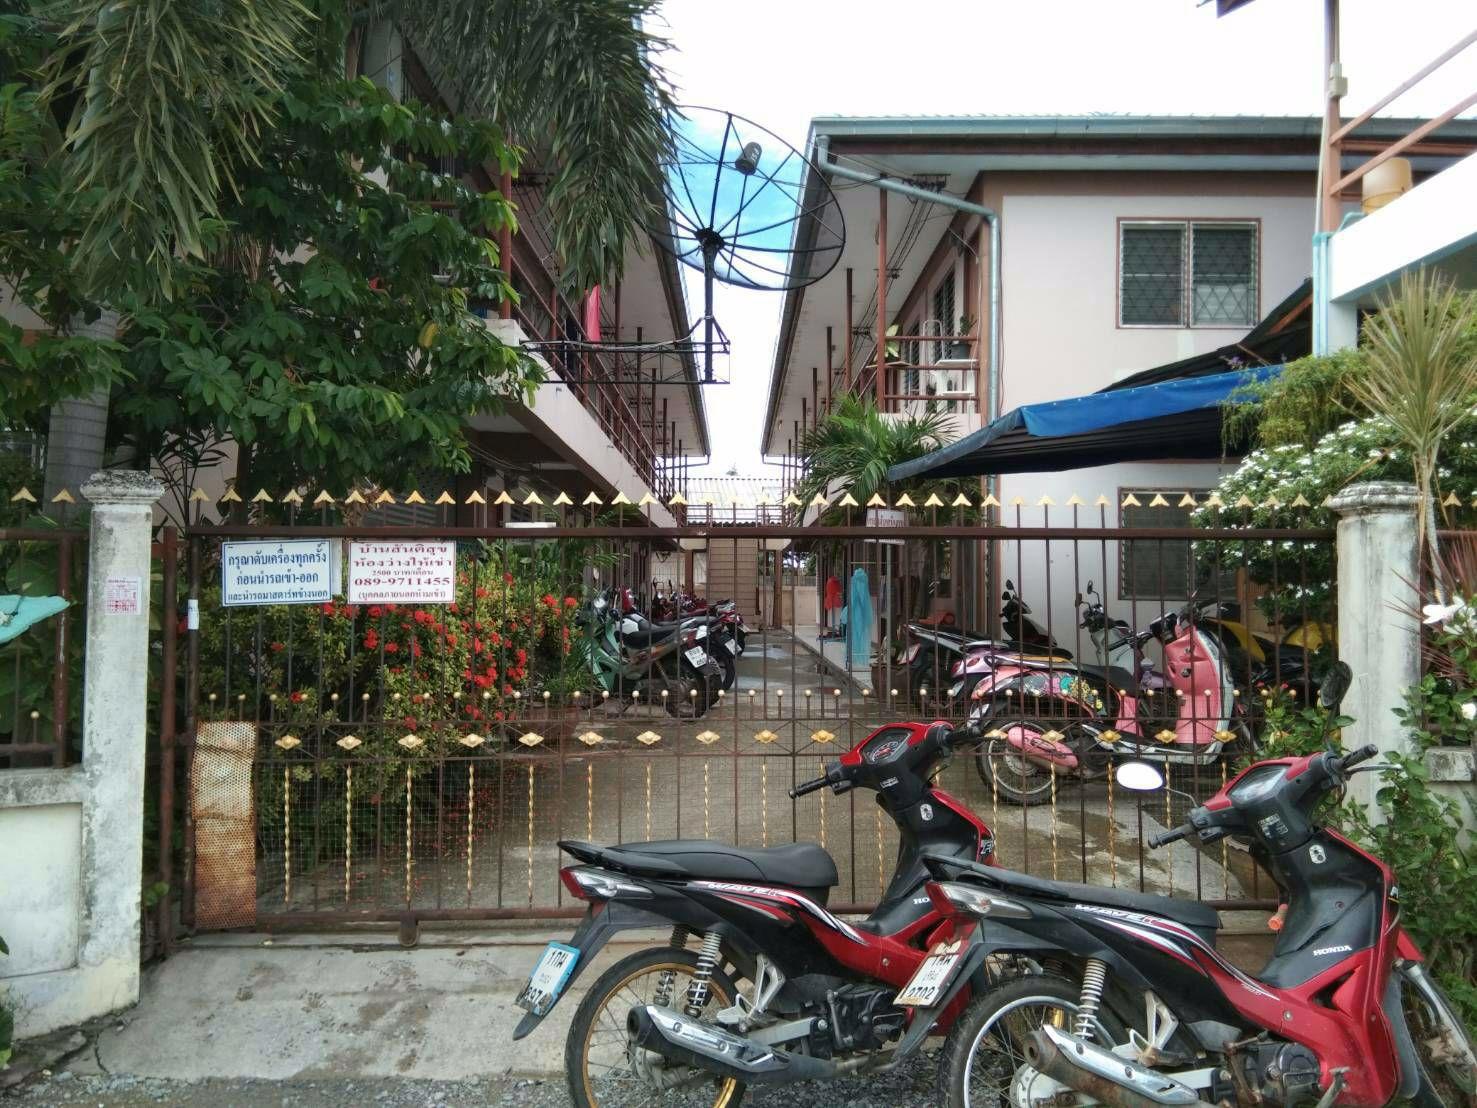 ขายพาร์ทเม้นท์-2-ชั้น-ถนนเทพประสิทธิ์-ซอย5-บางละมุง-ชลบุรี